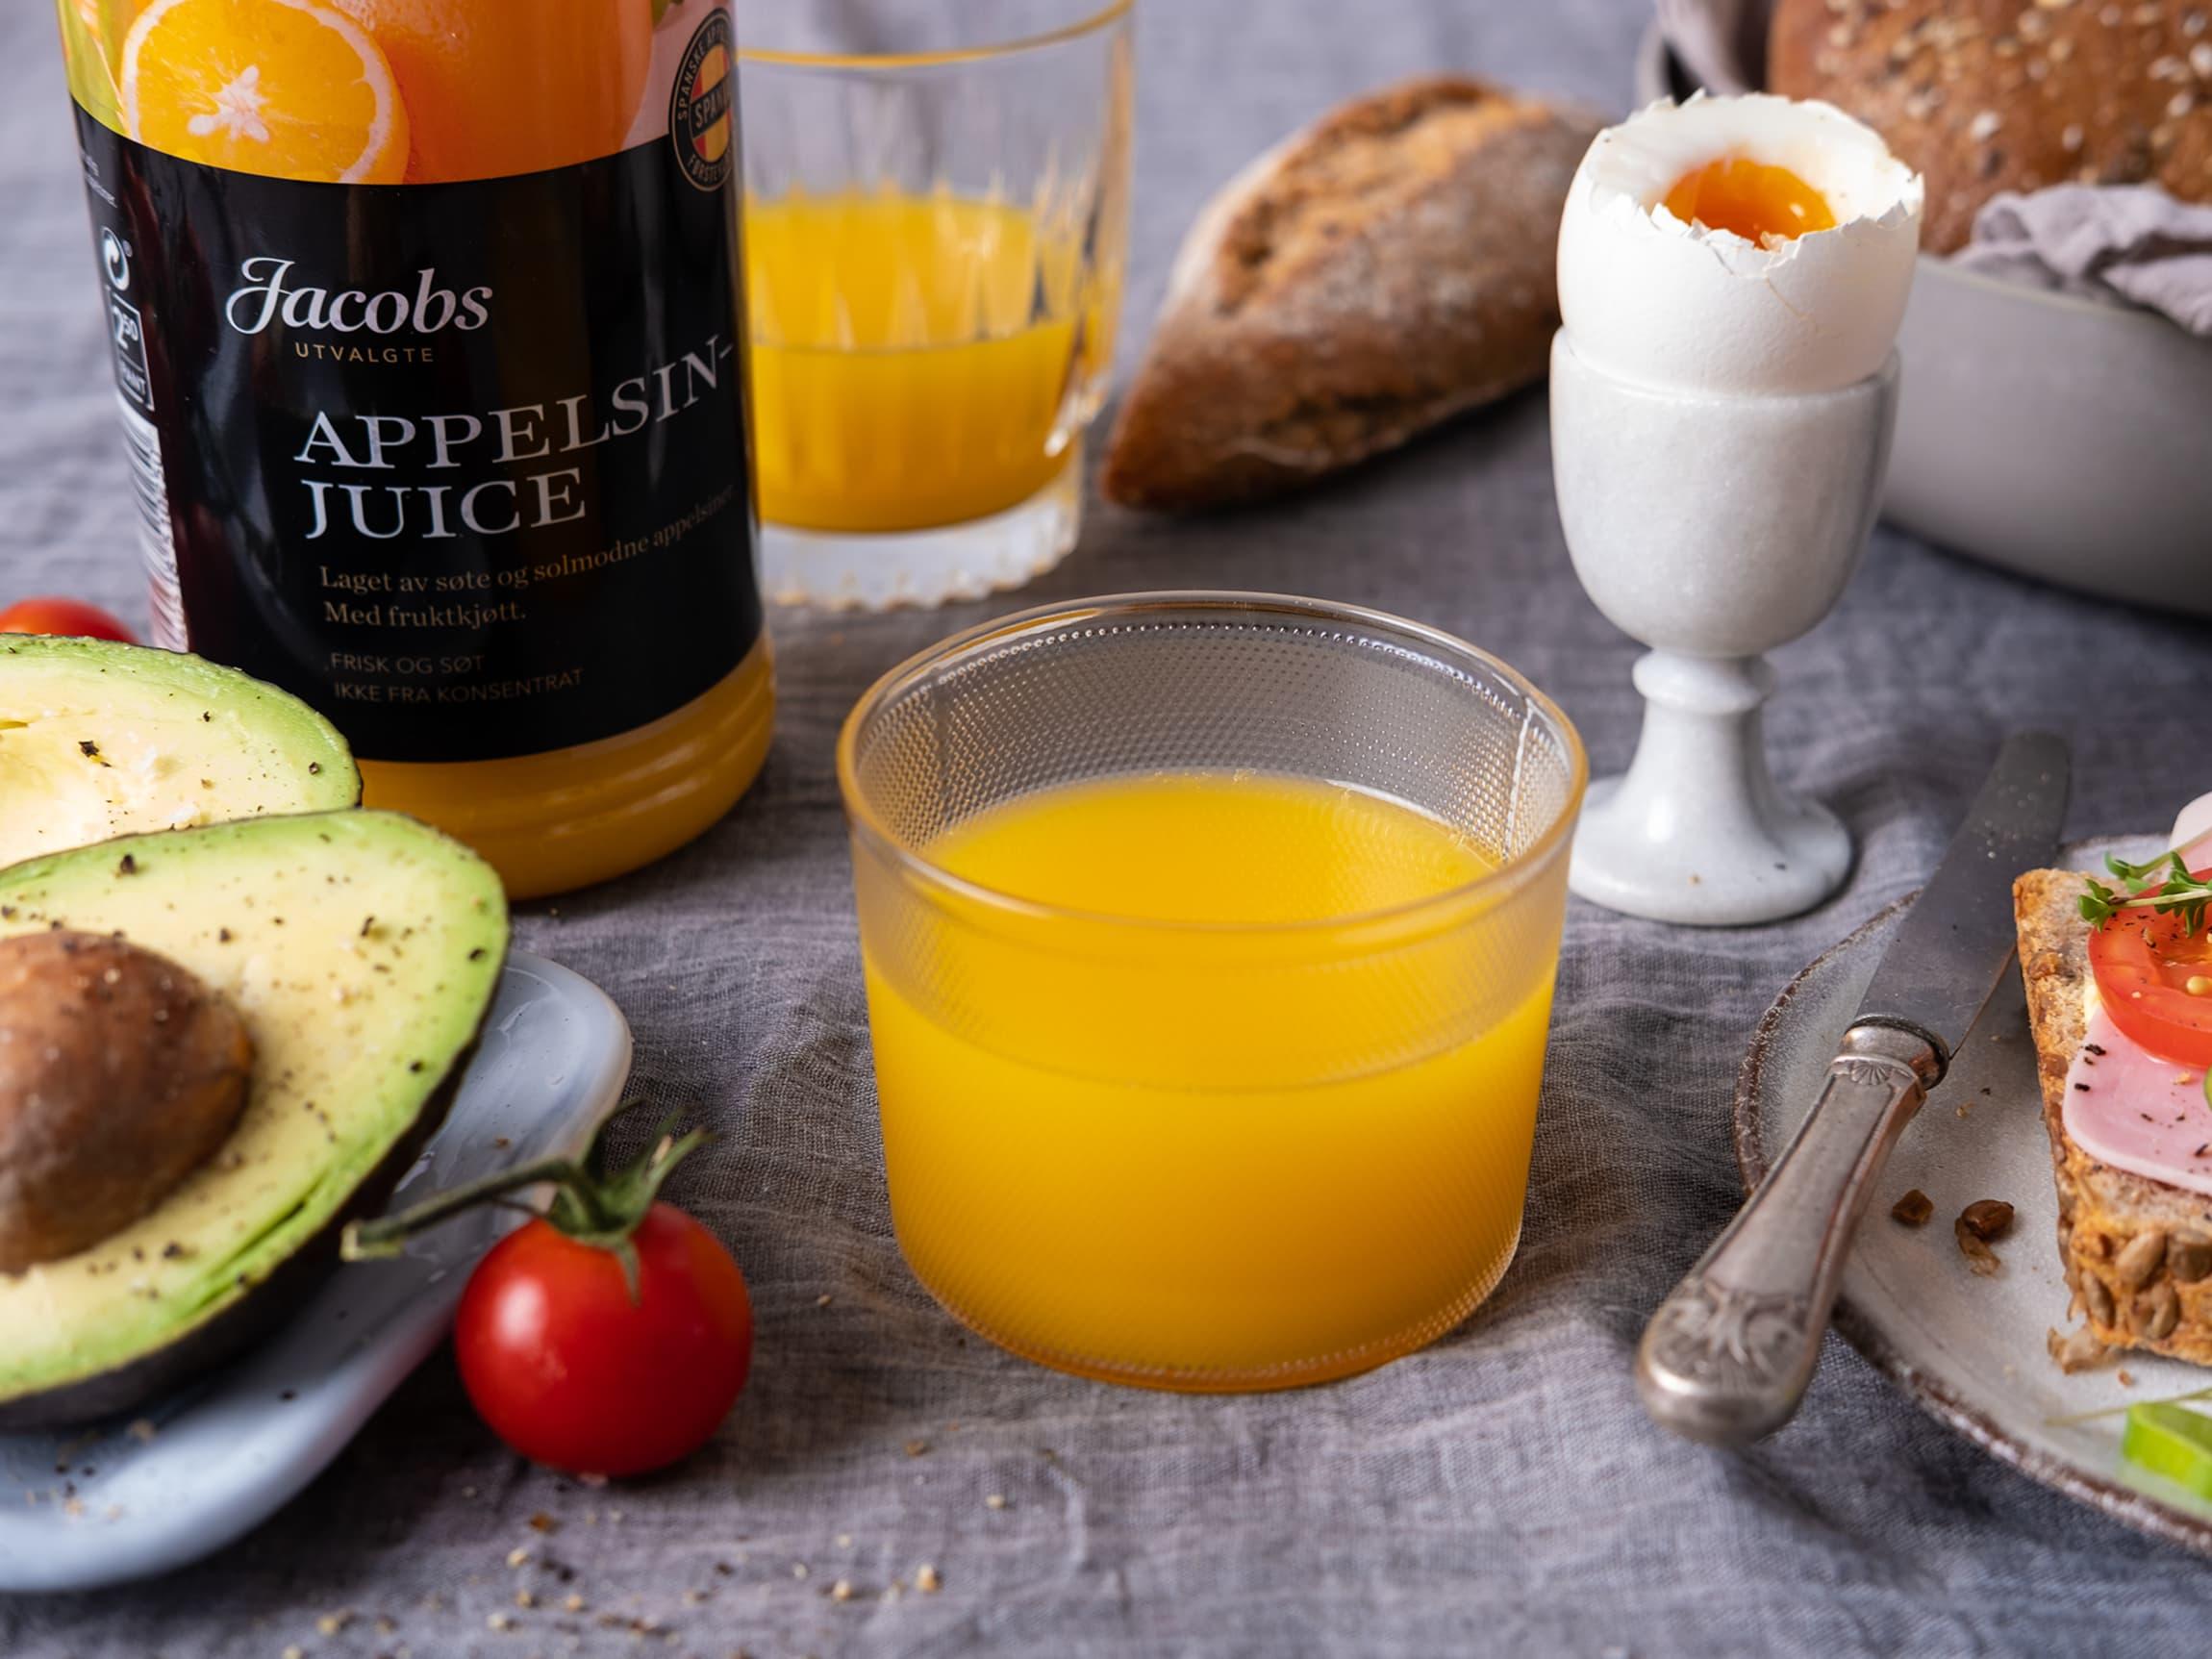 Jacobs Utvalgte juice er en ren og helt naturlig juice laget av ekstra søte og solmodne appelsiner, epler og jordbær.